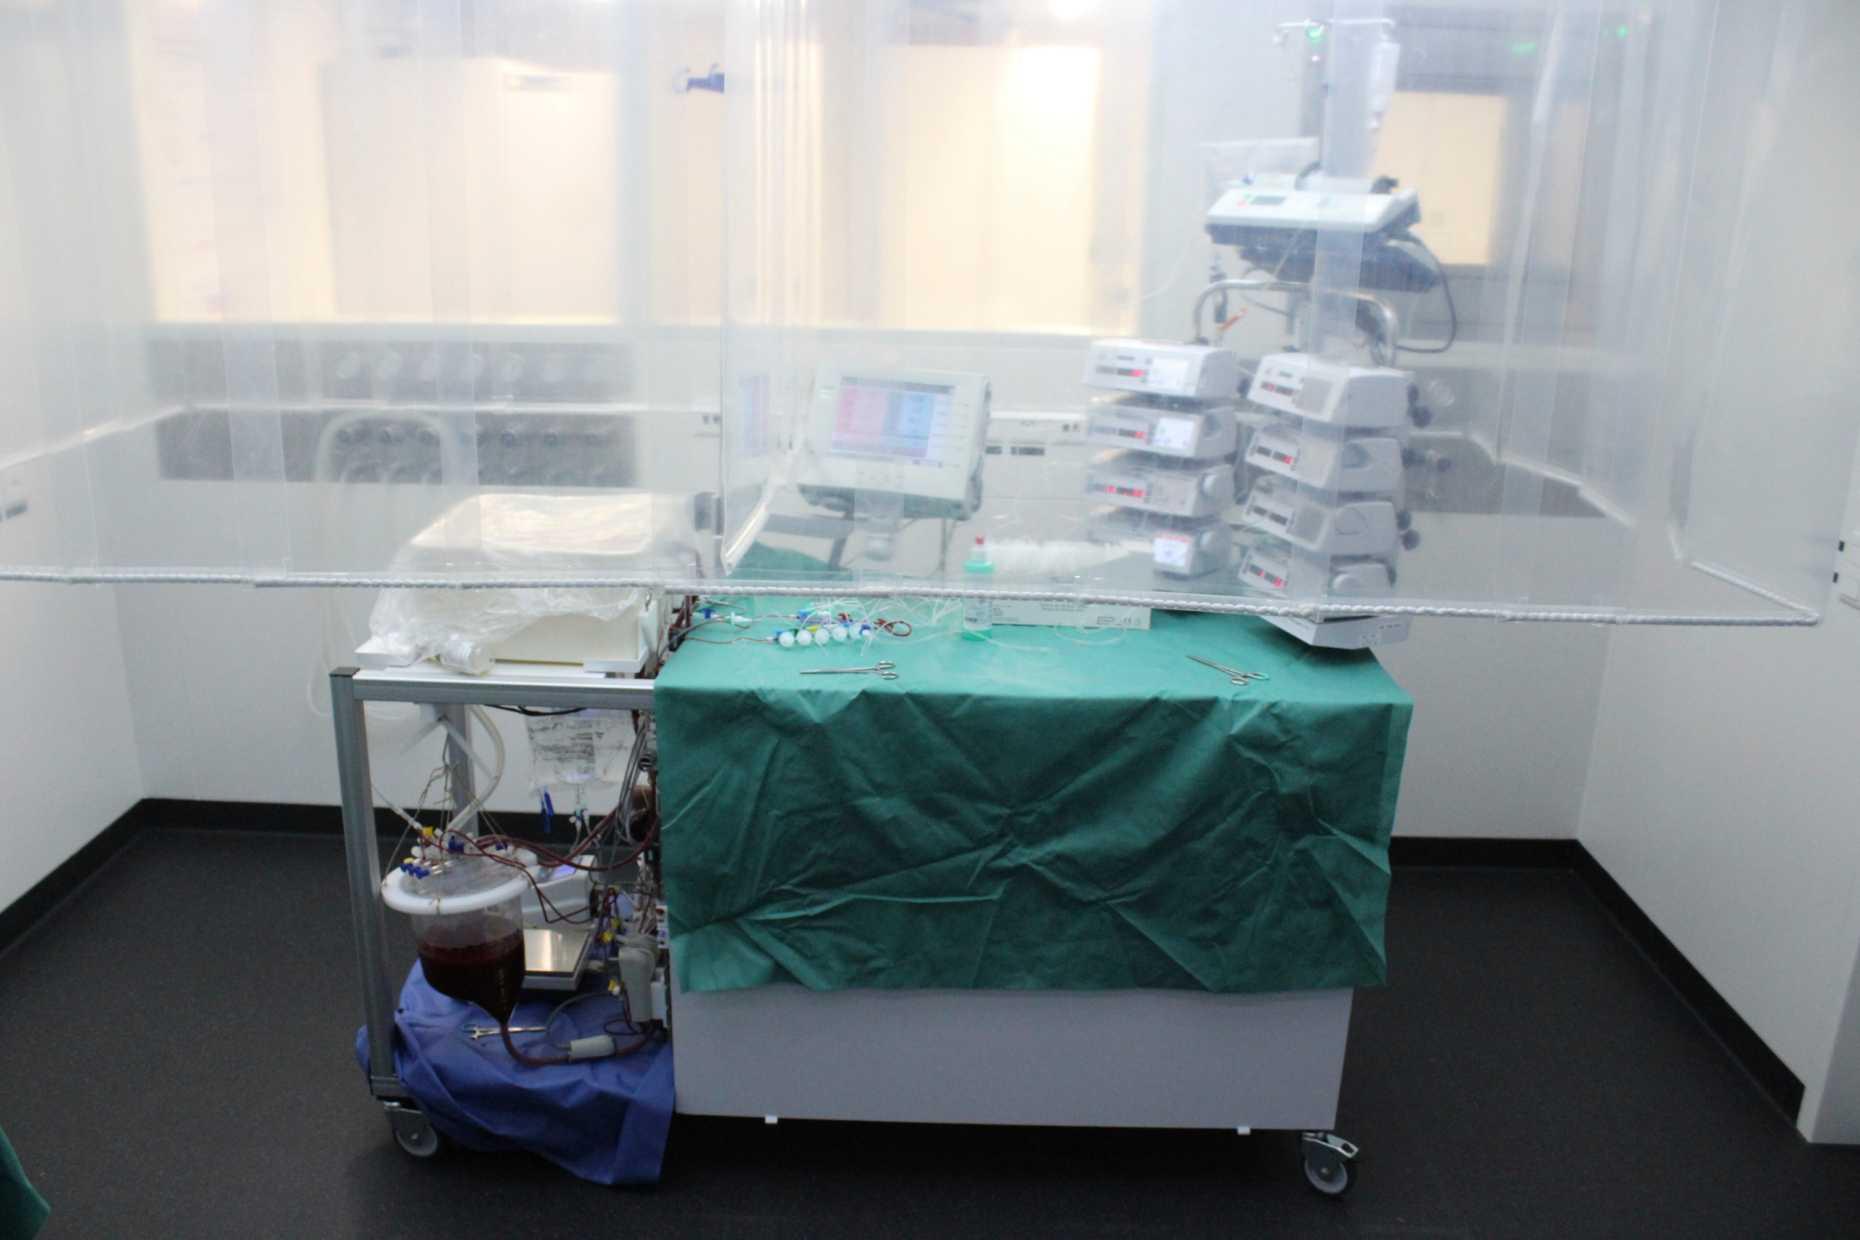 Die Perfusionsmaschine in Betrieb. Die Leber wird im weissen Behälter links oben angeschlossen. (Bild: USZ)